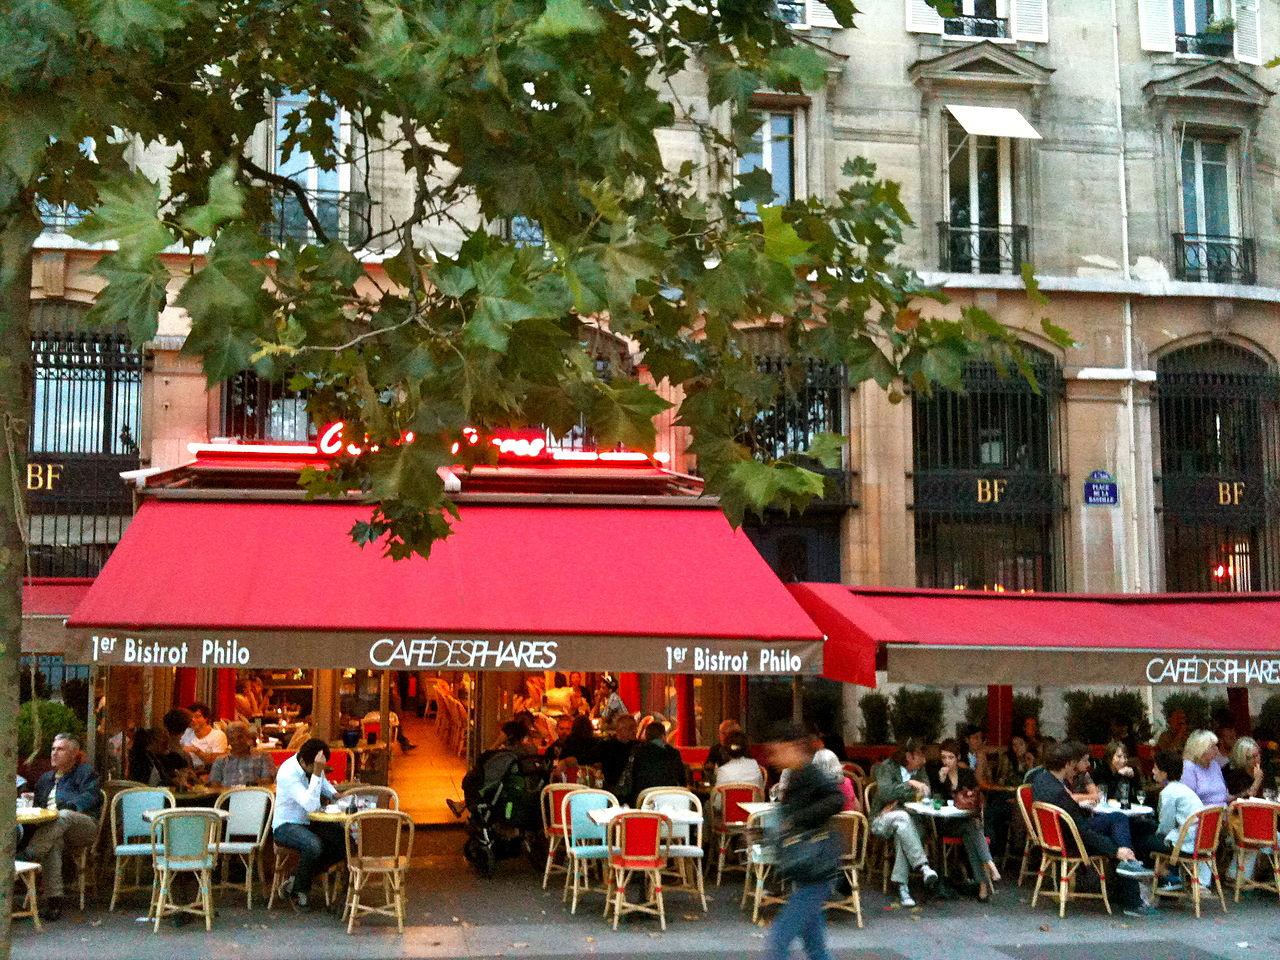 La Caf De Paris